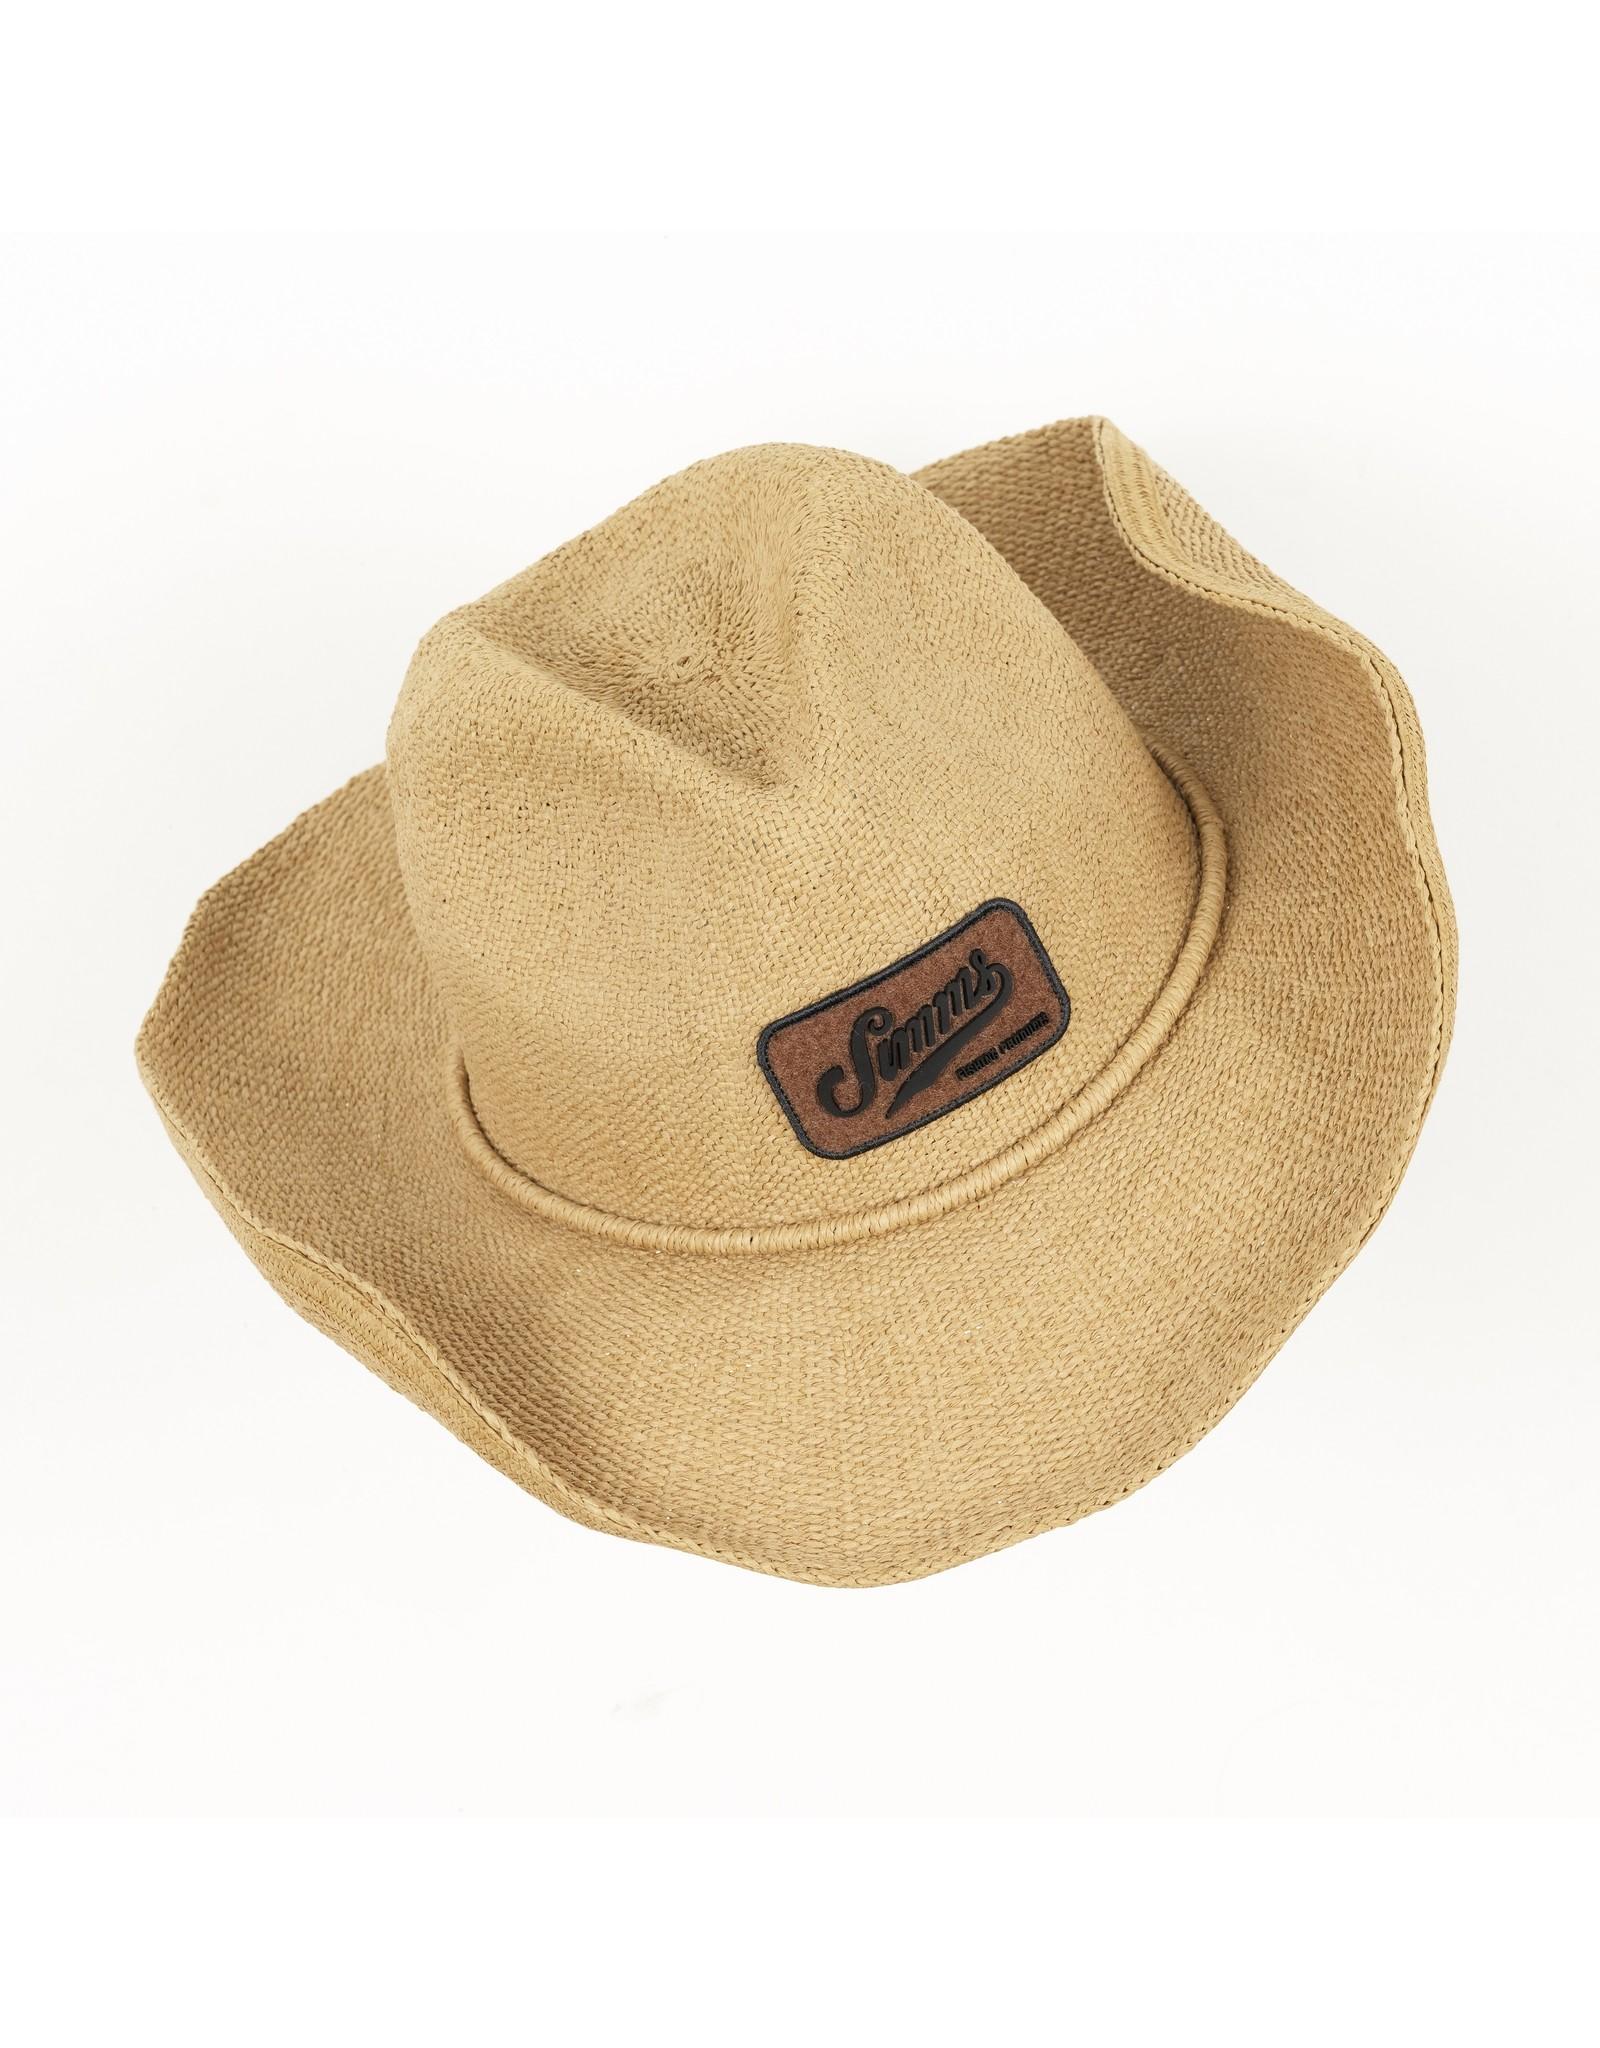 SIMMS Big Sky Sun Hat - Natural